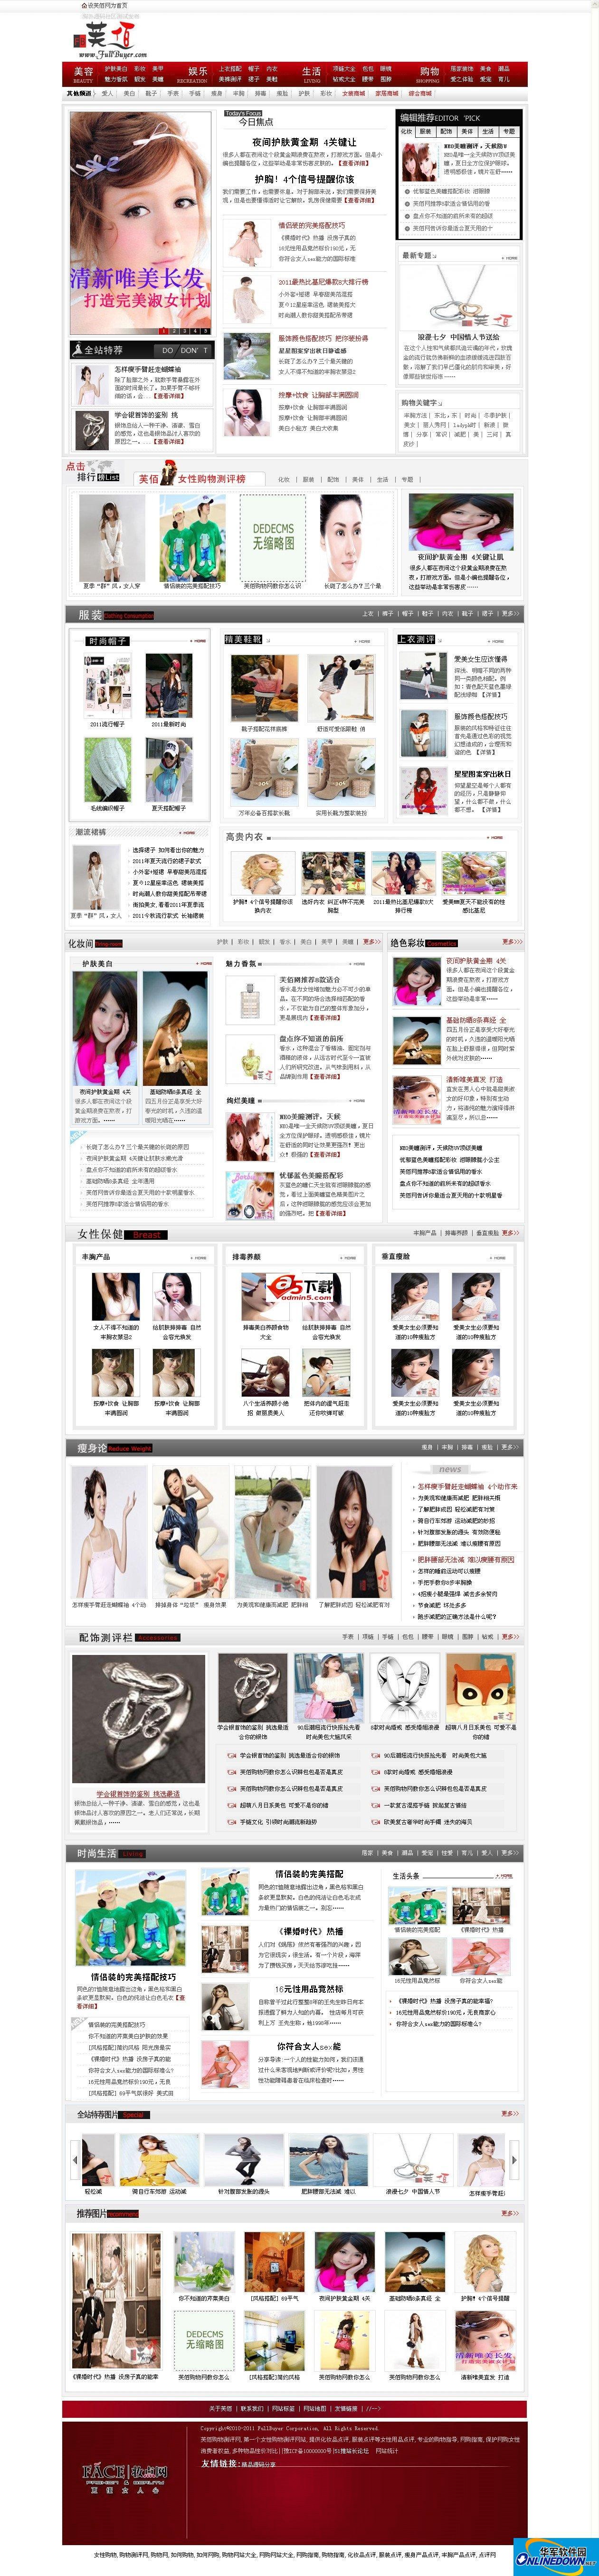 仿芙佰网女性门户网站 For Dedecms 5.7